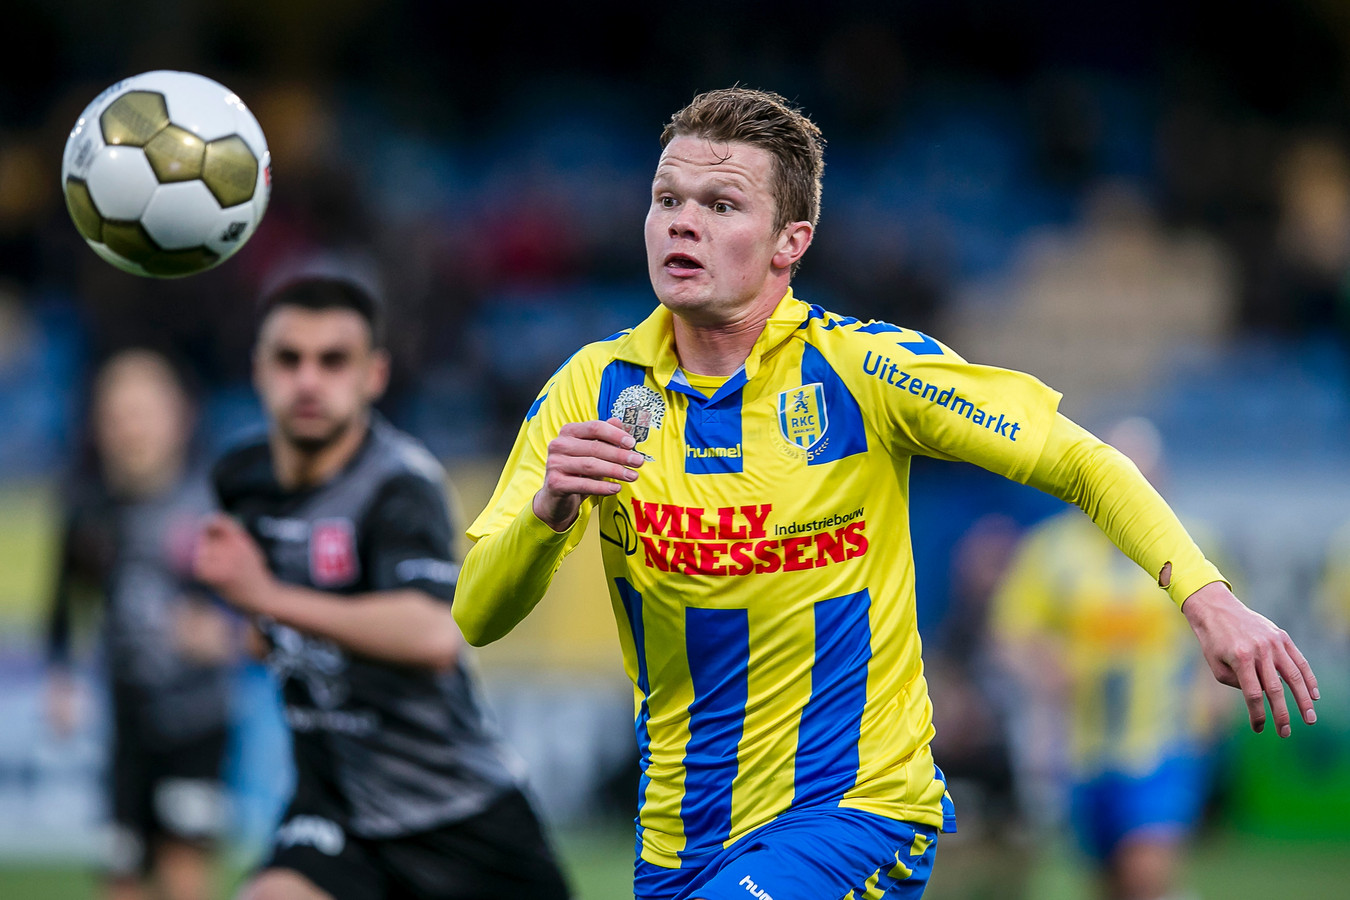 Pieter Langedijk voorkomt met een doelpunt tegen MVV dat de al lang vertrokken Arsenio Valpoort clubtopscorer wordt.